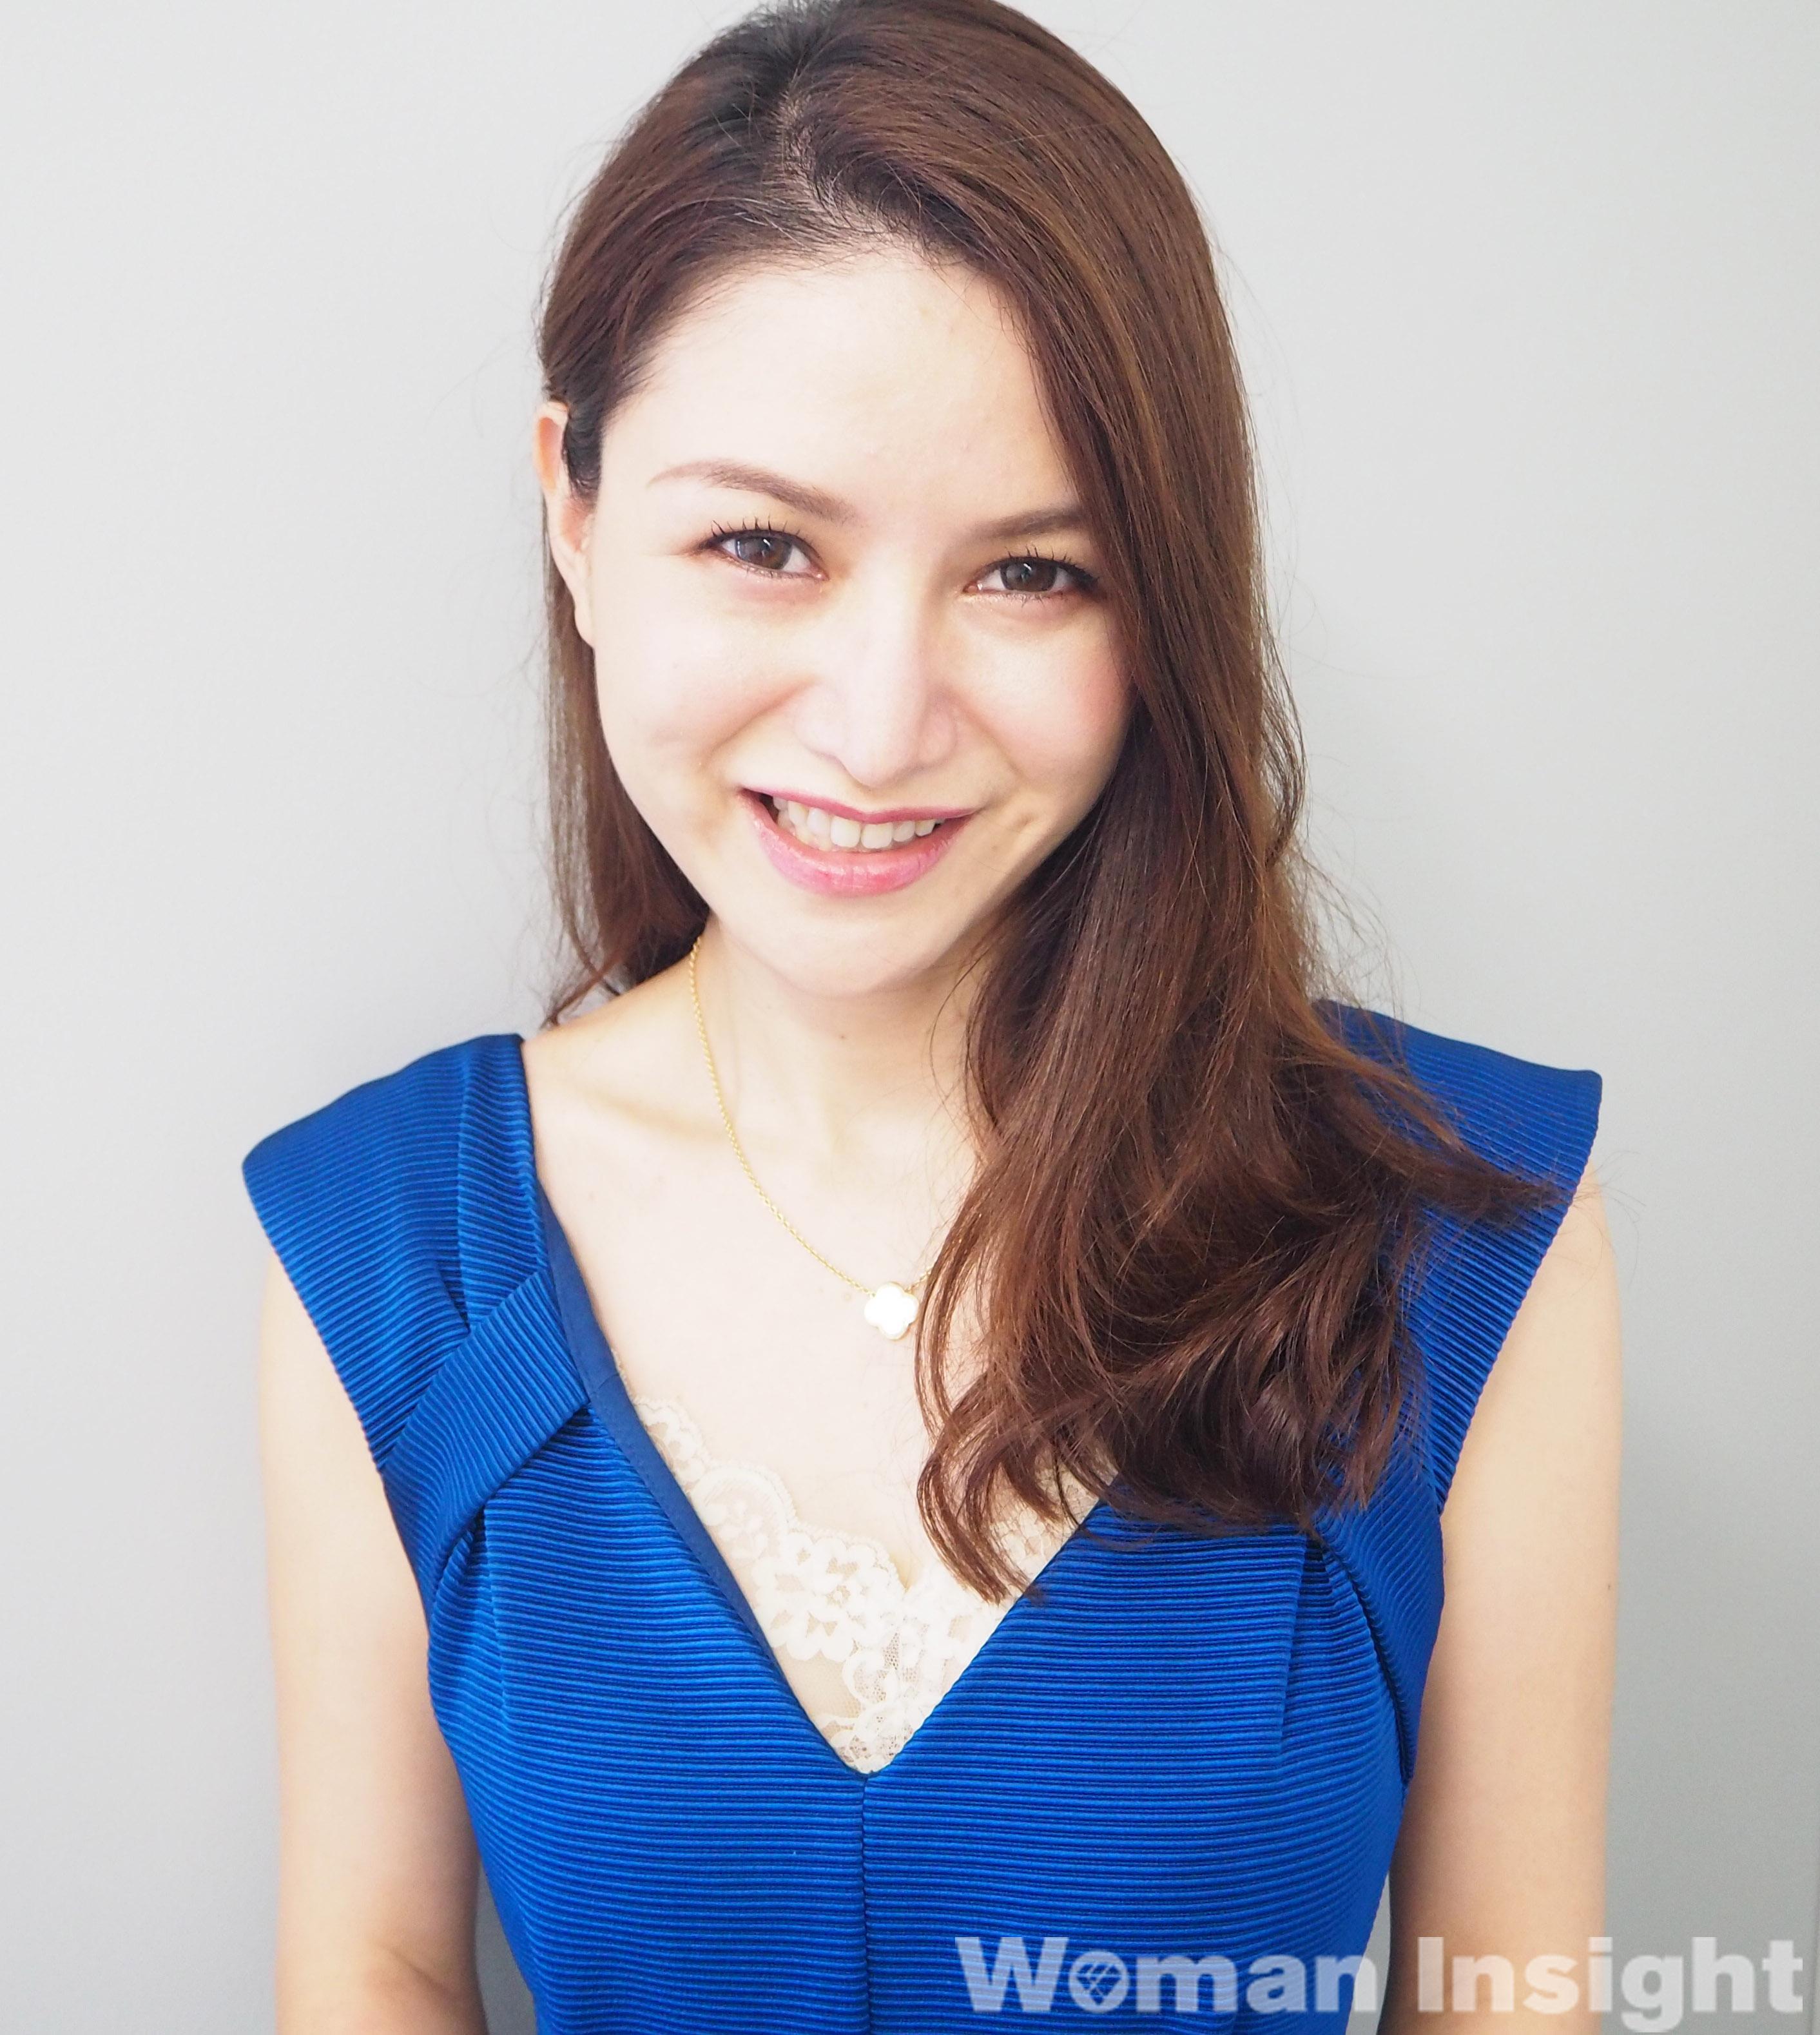 ハーバード留学中の東大出身美人弁護士、「理想の女性」はアノ人【山口真由さん】